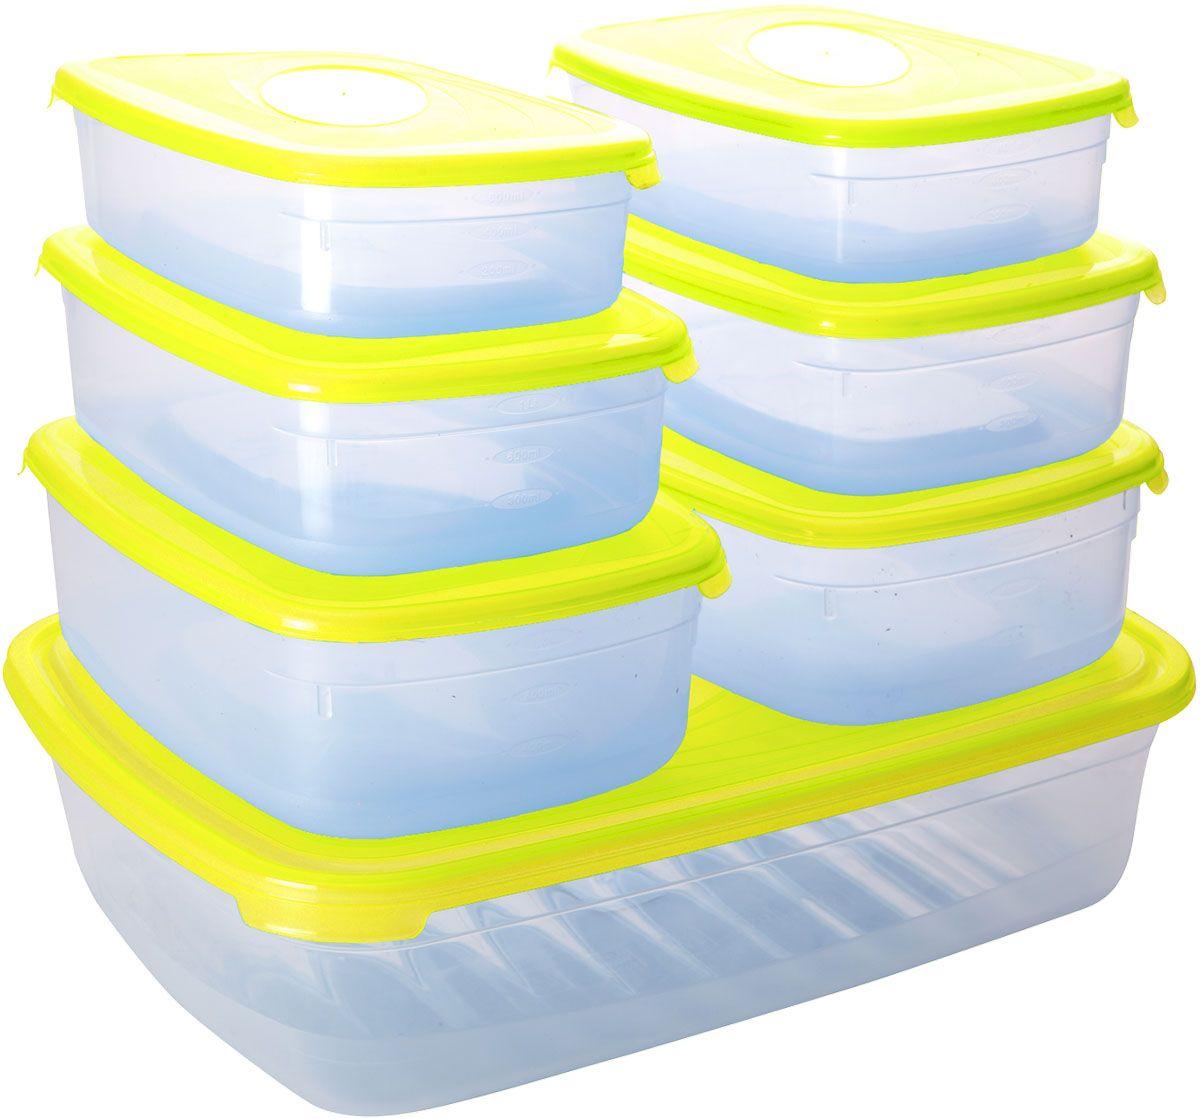 Набор контейнеров для СВЧ Plastic Centre Galaxy, 7 штПЦ2225ЛМННабор Plastic Centre Galaxy состоит из семи прямоугольных контейнеров для СВЧ, изготовленных из высококачественного полипропилена, который выдерживает температуру от -40°С до +110°С. Стенки емкостей прозрачные. Контейнеры оснащены цветными крышками, которые плотно закрываются, поэтому продукты остаются дольше свежими и вкусными. Емкости удобно брать с собой на работу, учебу, пикник или просто использовать для хранения пищи в холодильнике. Можно использовать в микроволновой печи. Можно мыть в посудомоечной машине.Размер контейнера на 0,75 л (без учета крышки): 18,5 х 12 х 4,5 см.Размер контейнера на 1,2 л (без учета крышки): 20,5 х 13 х 5,5 см.Размер контейнера на 1,6 л (без учета крышки): 22 х 15 х 7 см.Размер контейнера на 4,75 л (без учета крышки): 33 х 24,5 х 8,5 см.